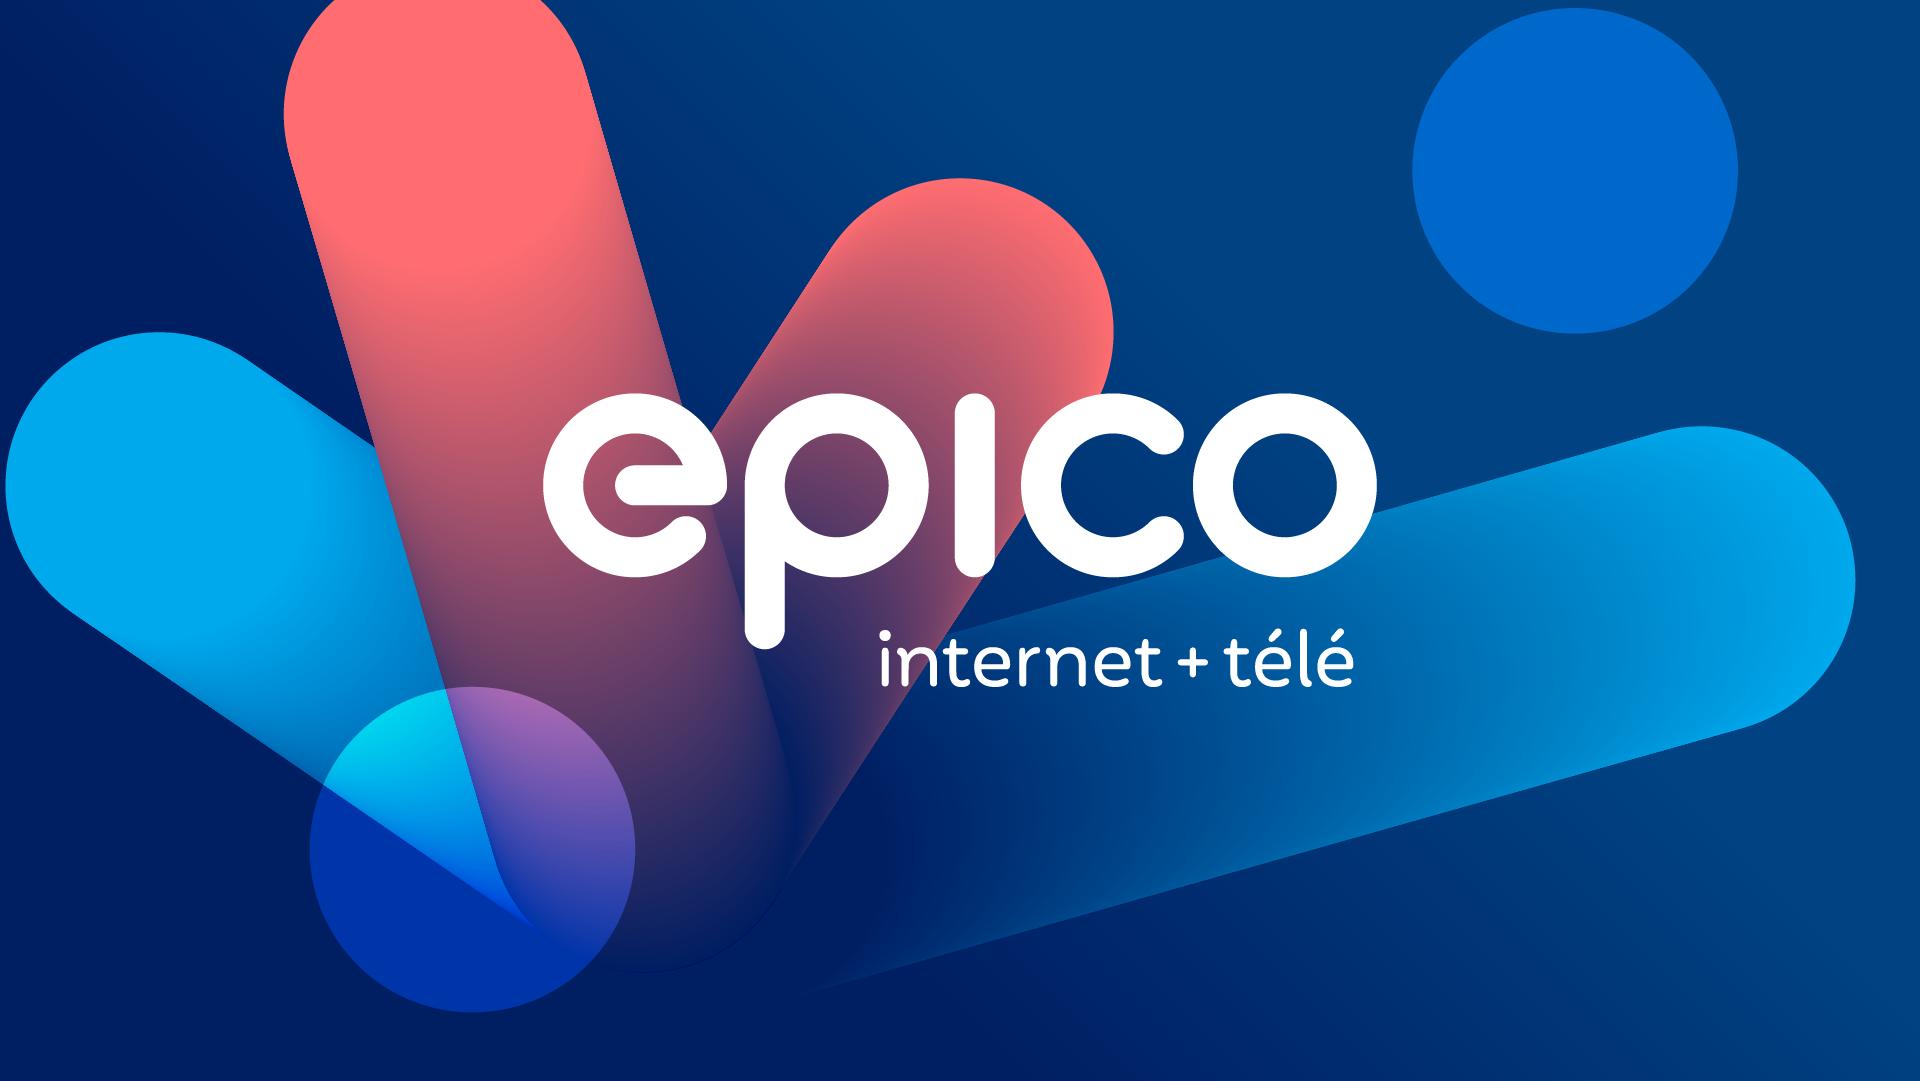 Epico 1